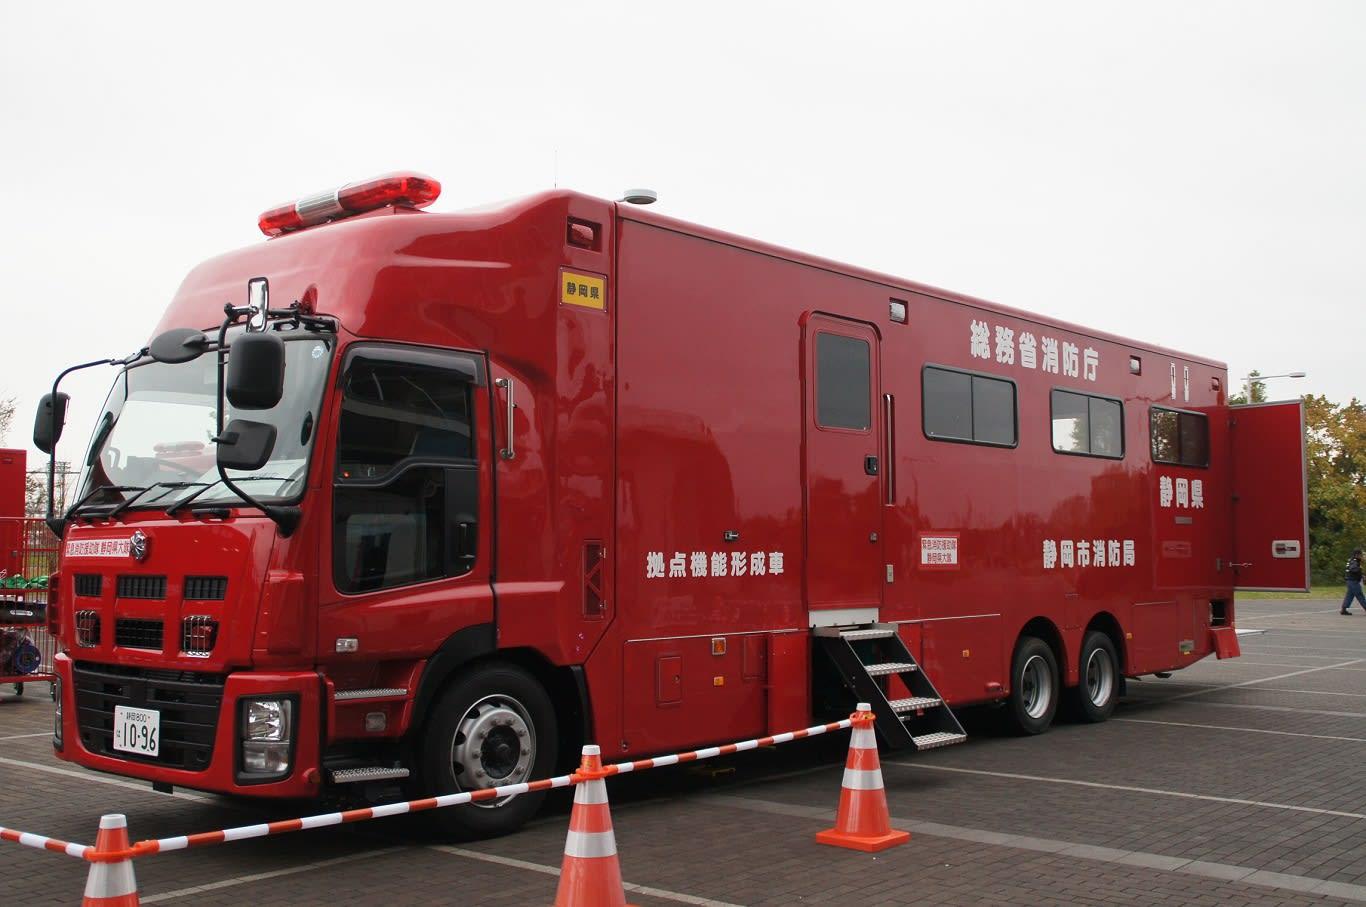 静岡市消防局 拠点機能形成車 - 全国の消防車輌大集合